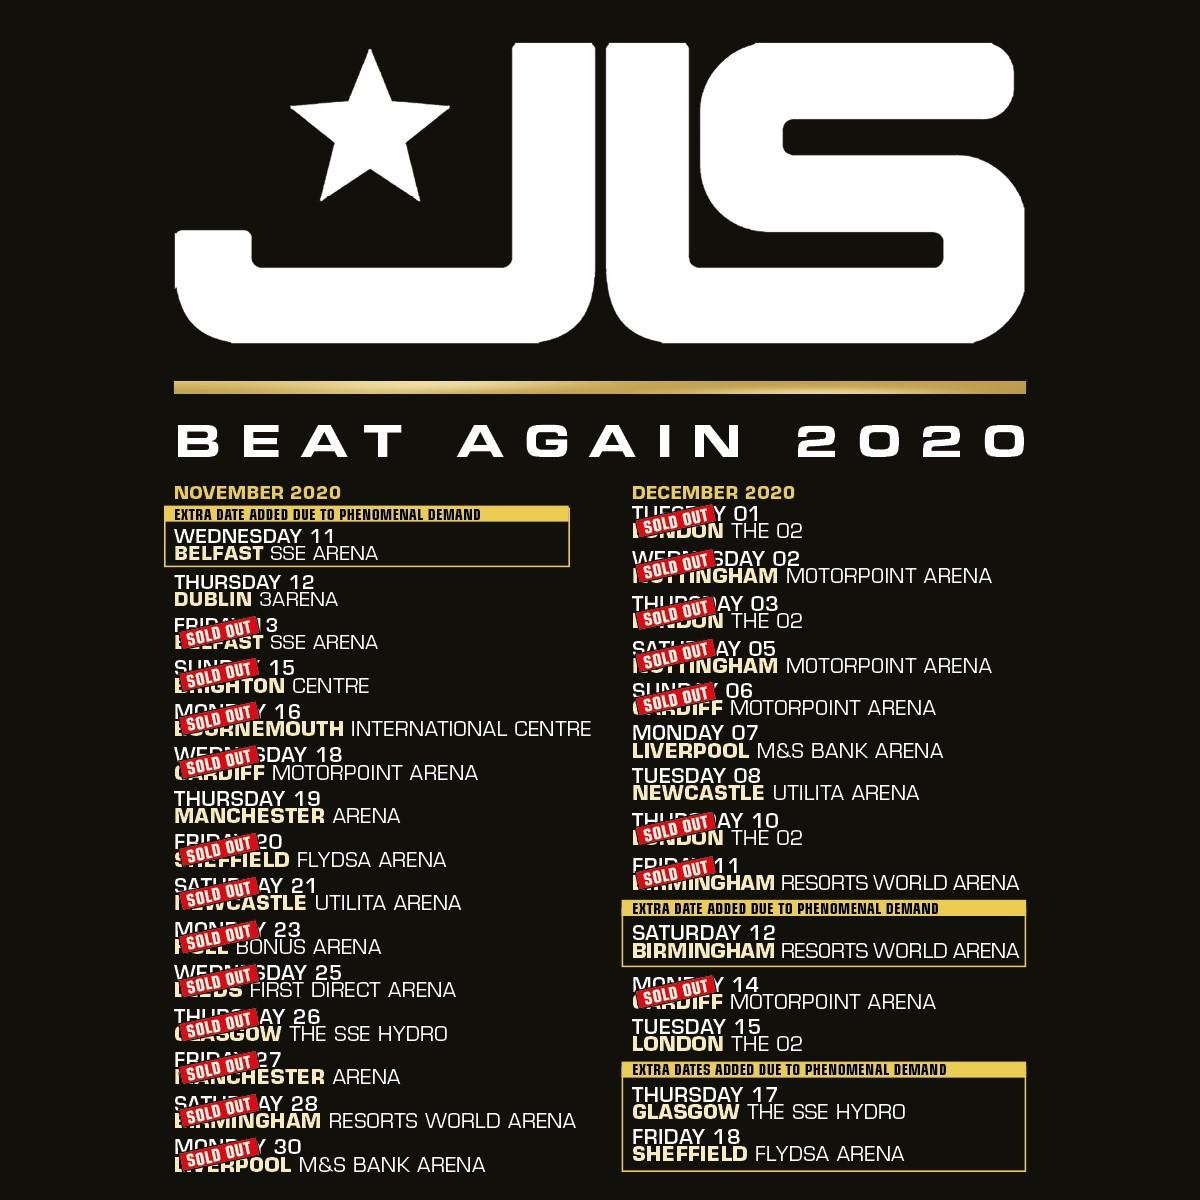 JLS UK Tour 2020